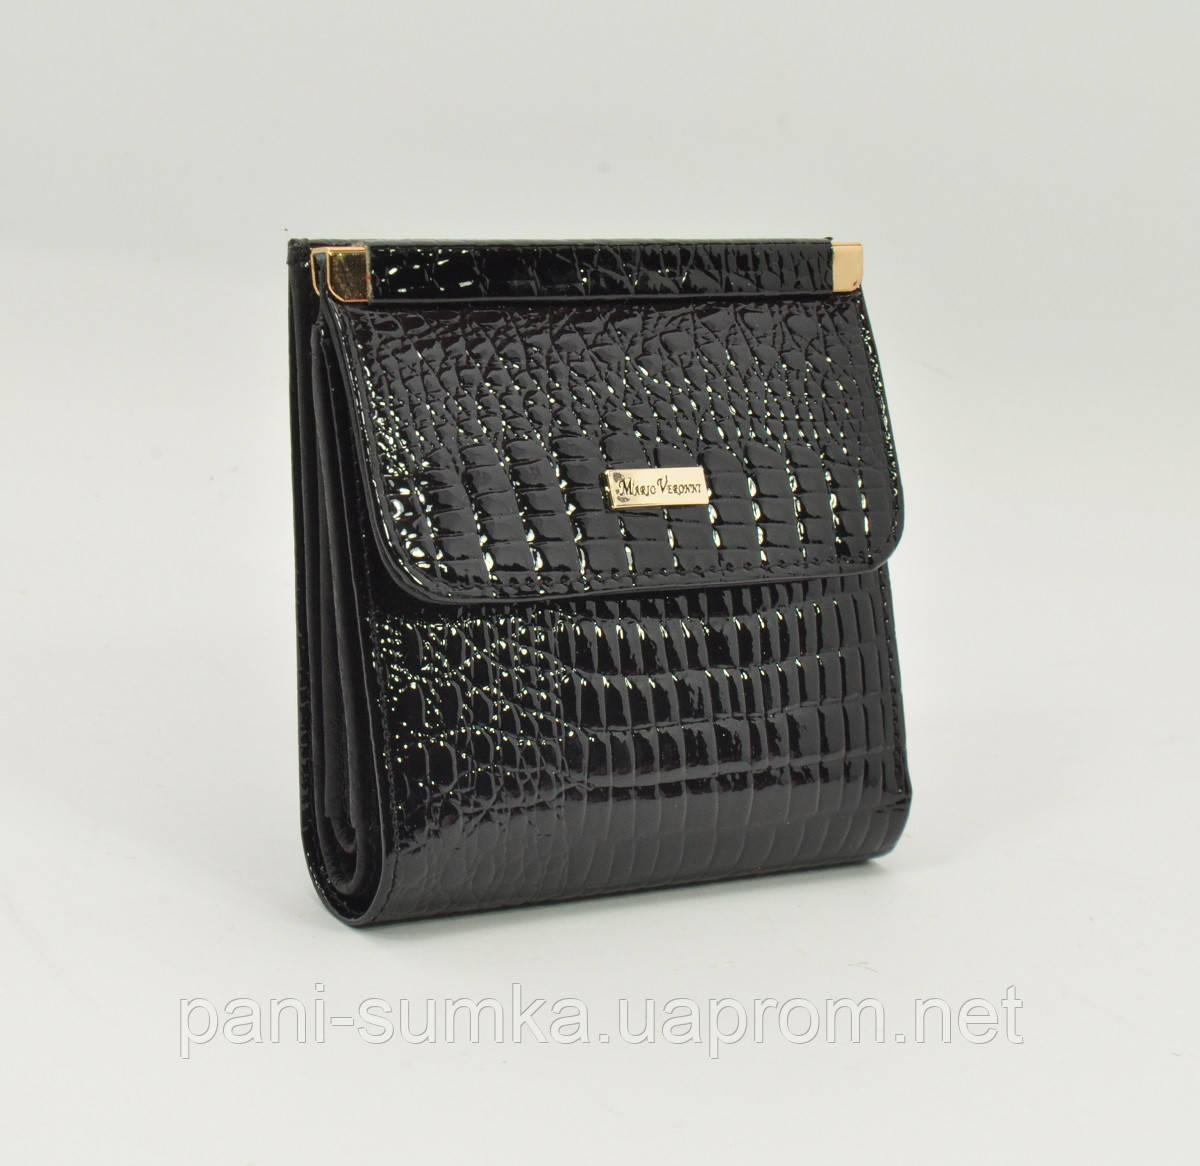 4c172659a7cf Маленький женский кожаный кошелек Mario Veronni 9026 черный лаковый, фото 1